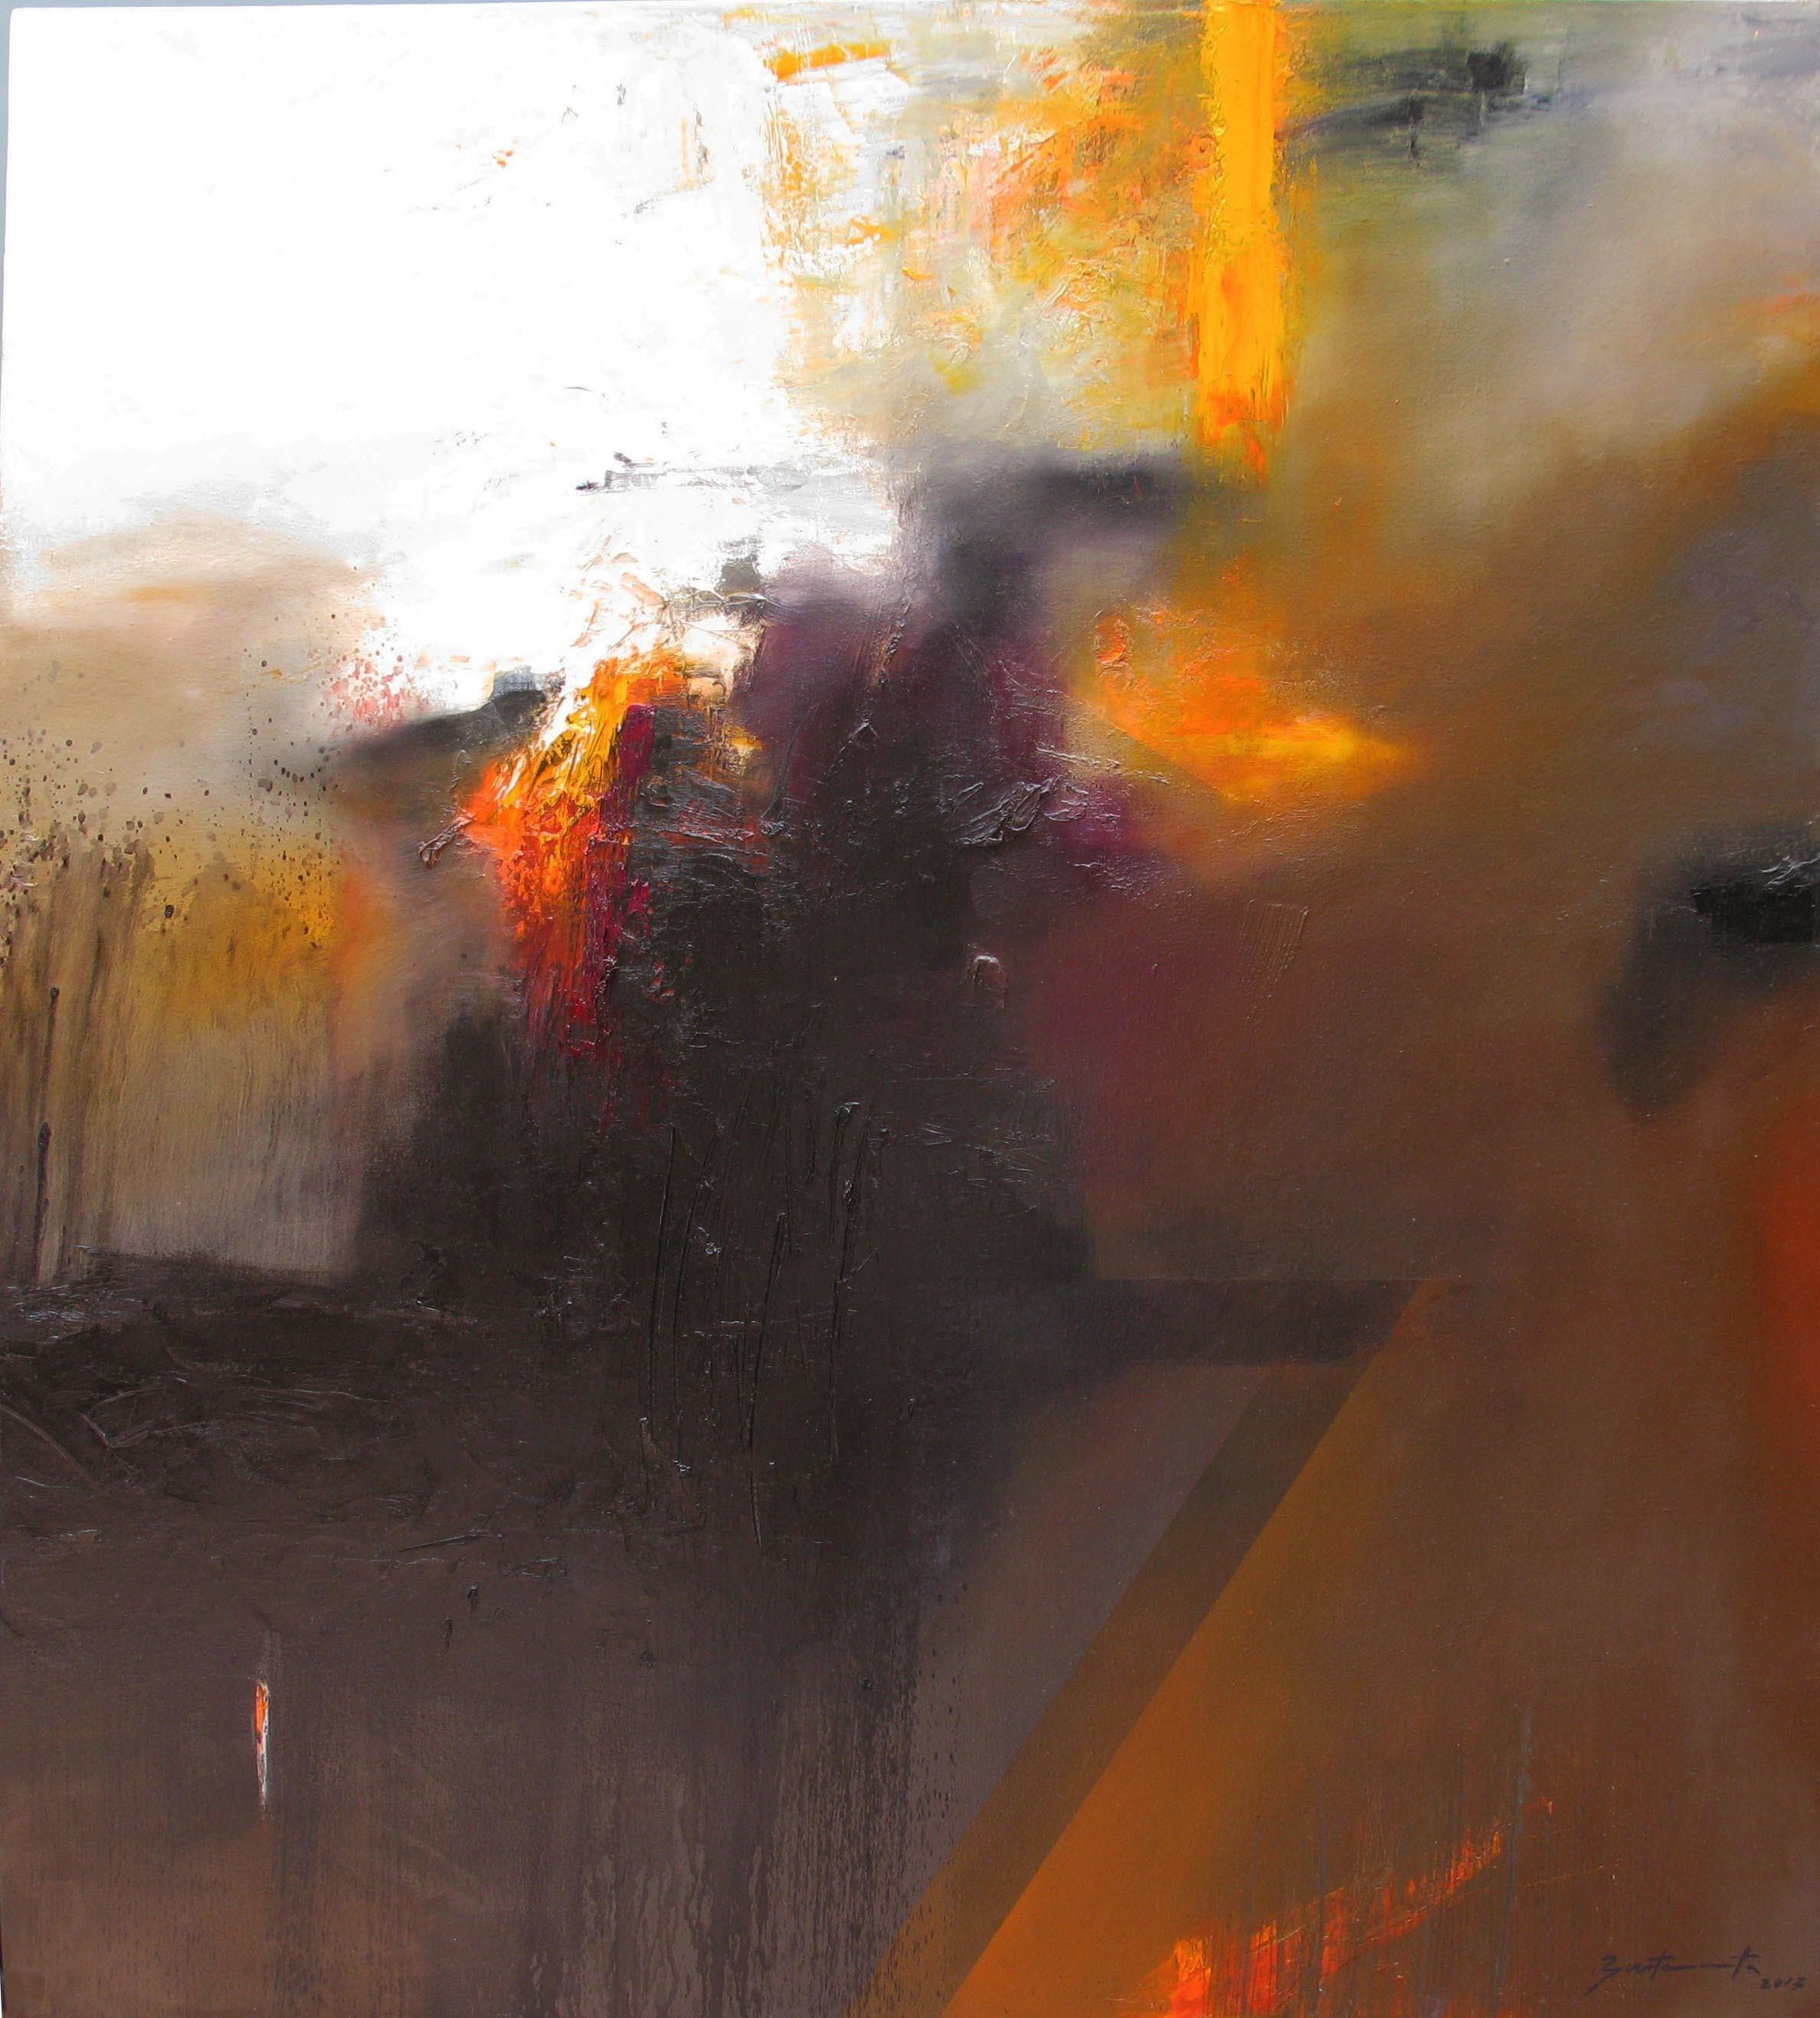 JoséLuis_Bustamante,_Tierra_del_fuego,_2013,_óleo_sobre_tela,_110_x_100_cm